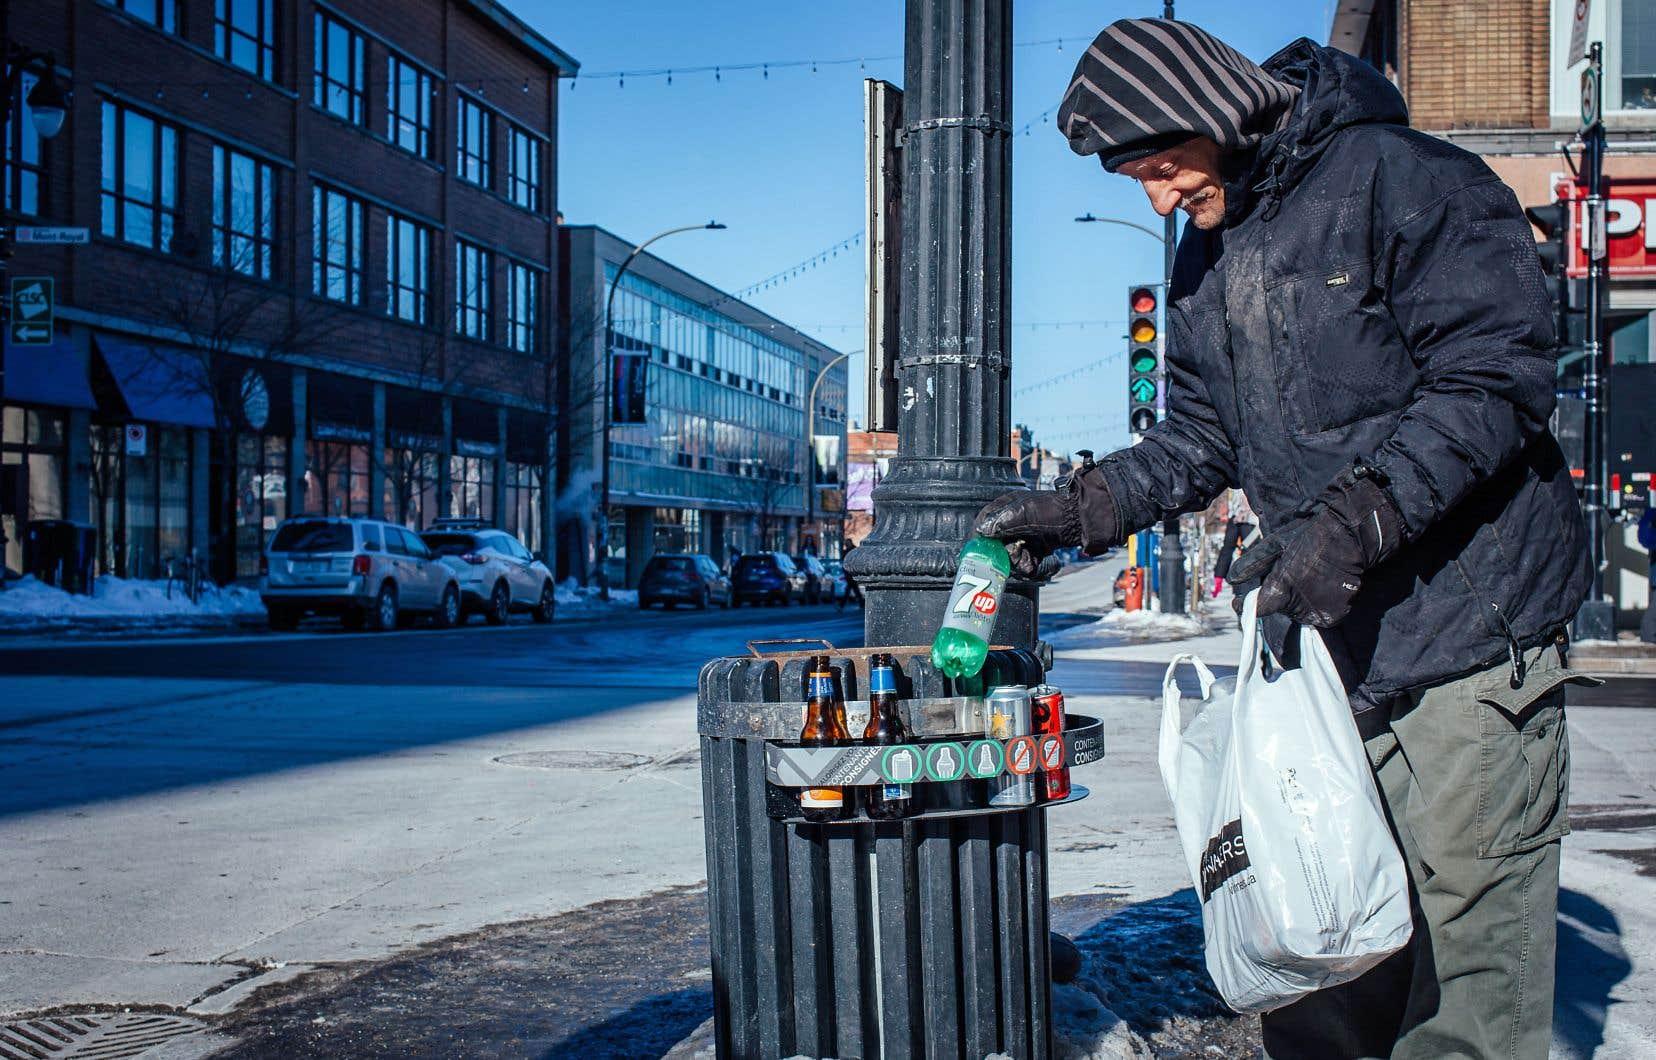 Les valoristes récupèrent les contenants consignés, qu'ils peuvent ensuite rapporter aux dépanneurs et aux supermarchés contre quelques dollars.